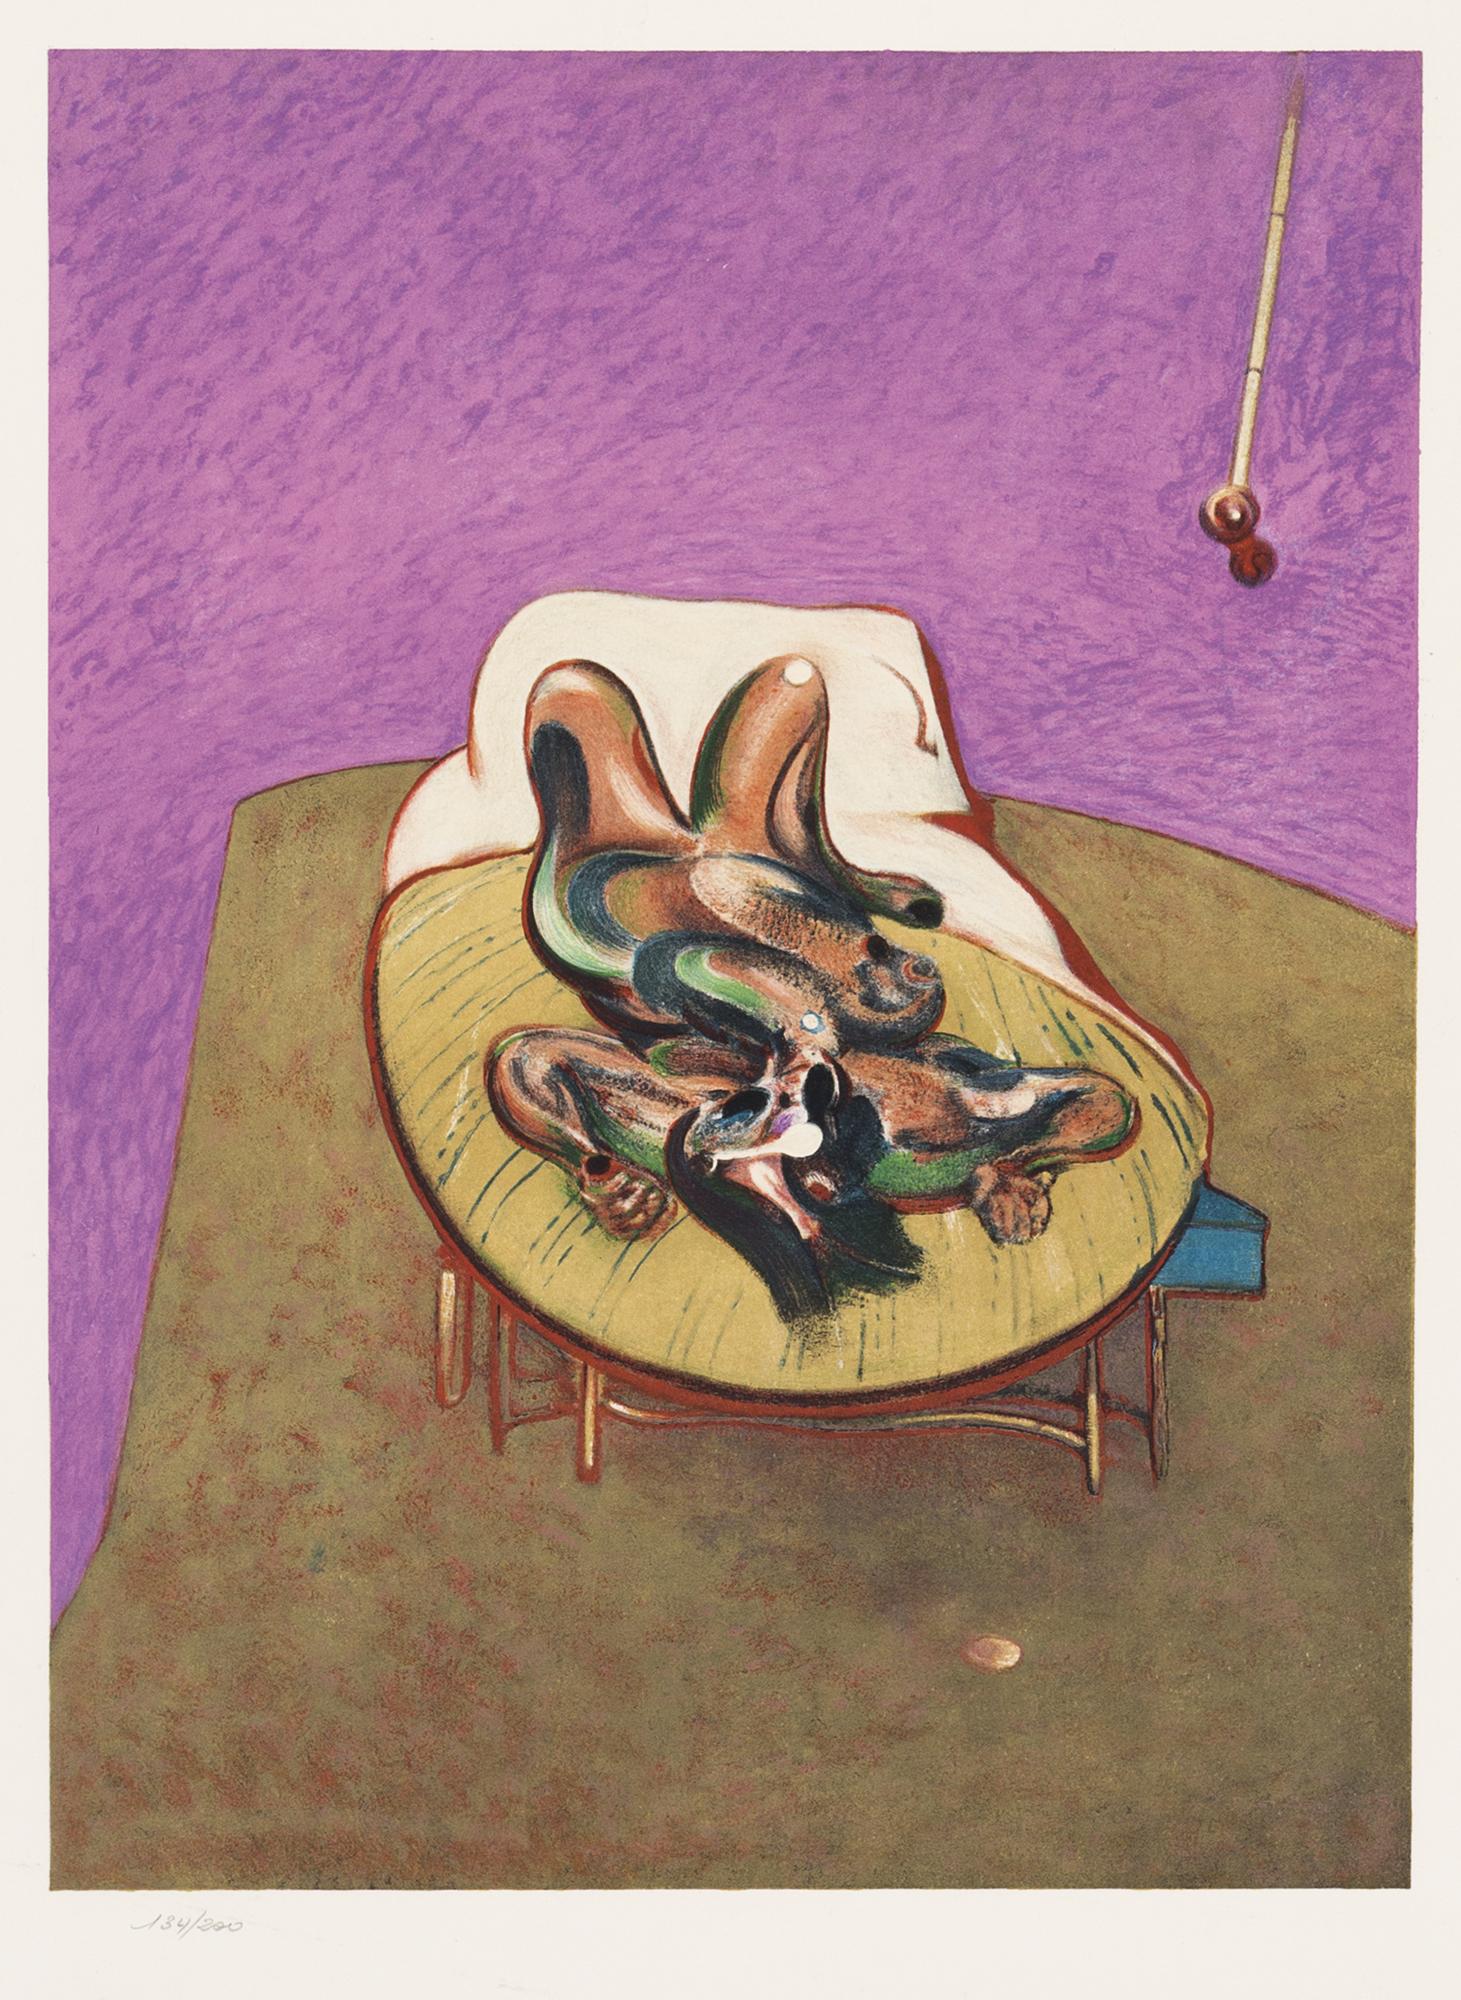 Lying figure, 1966